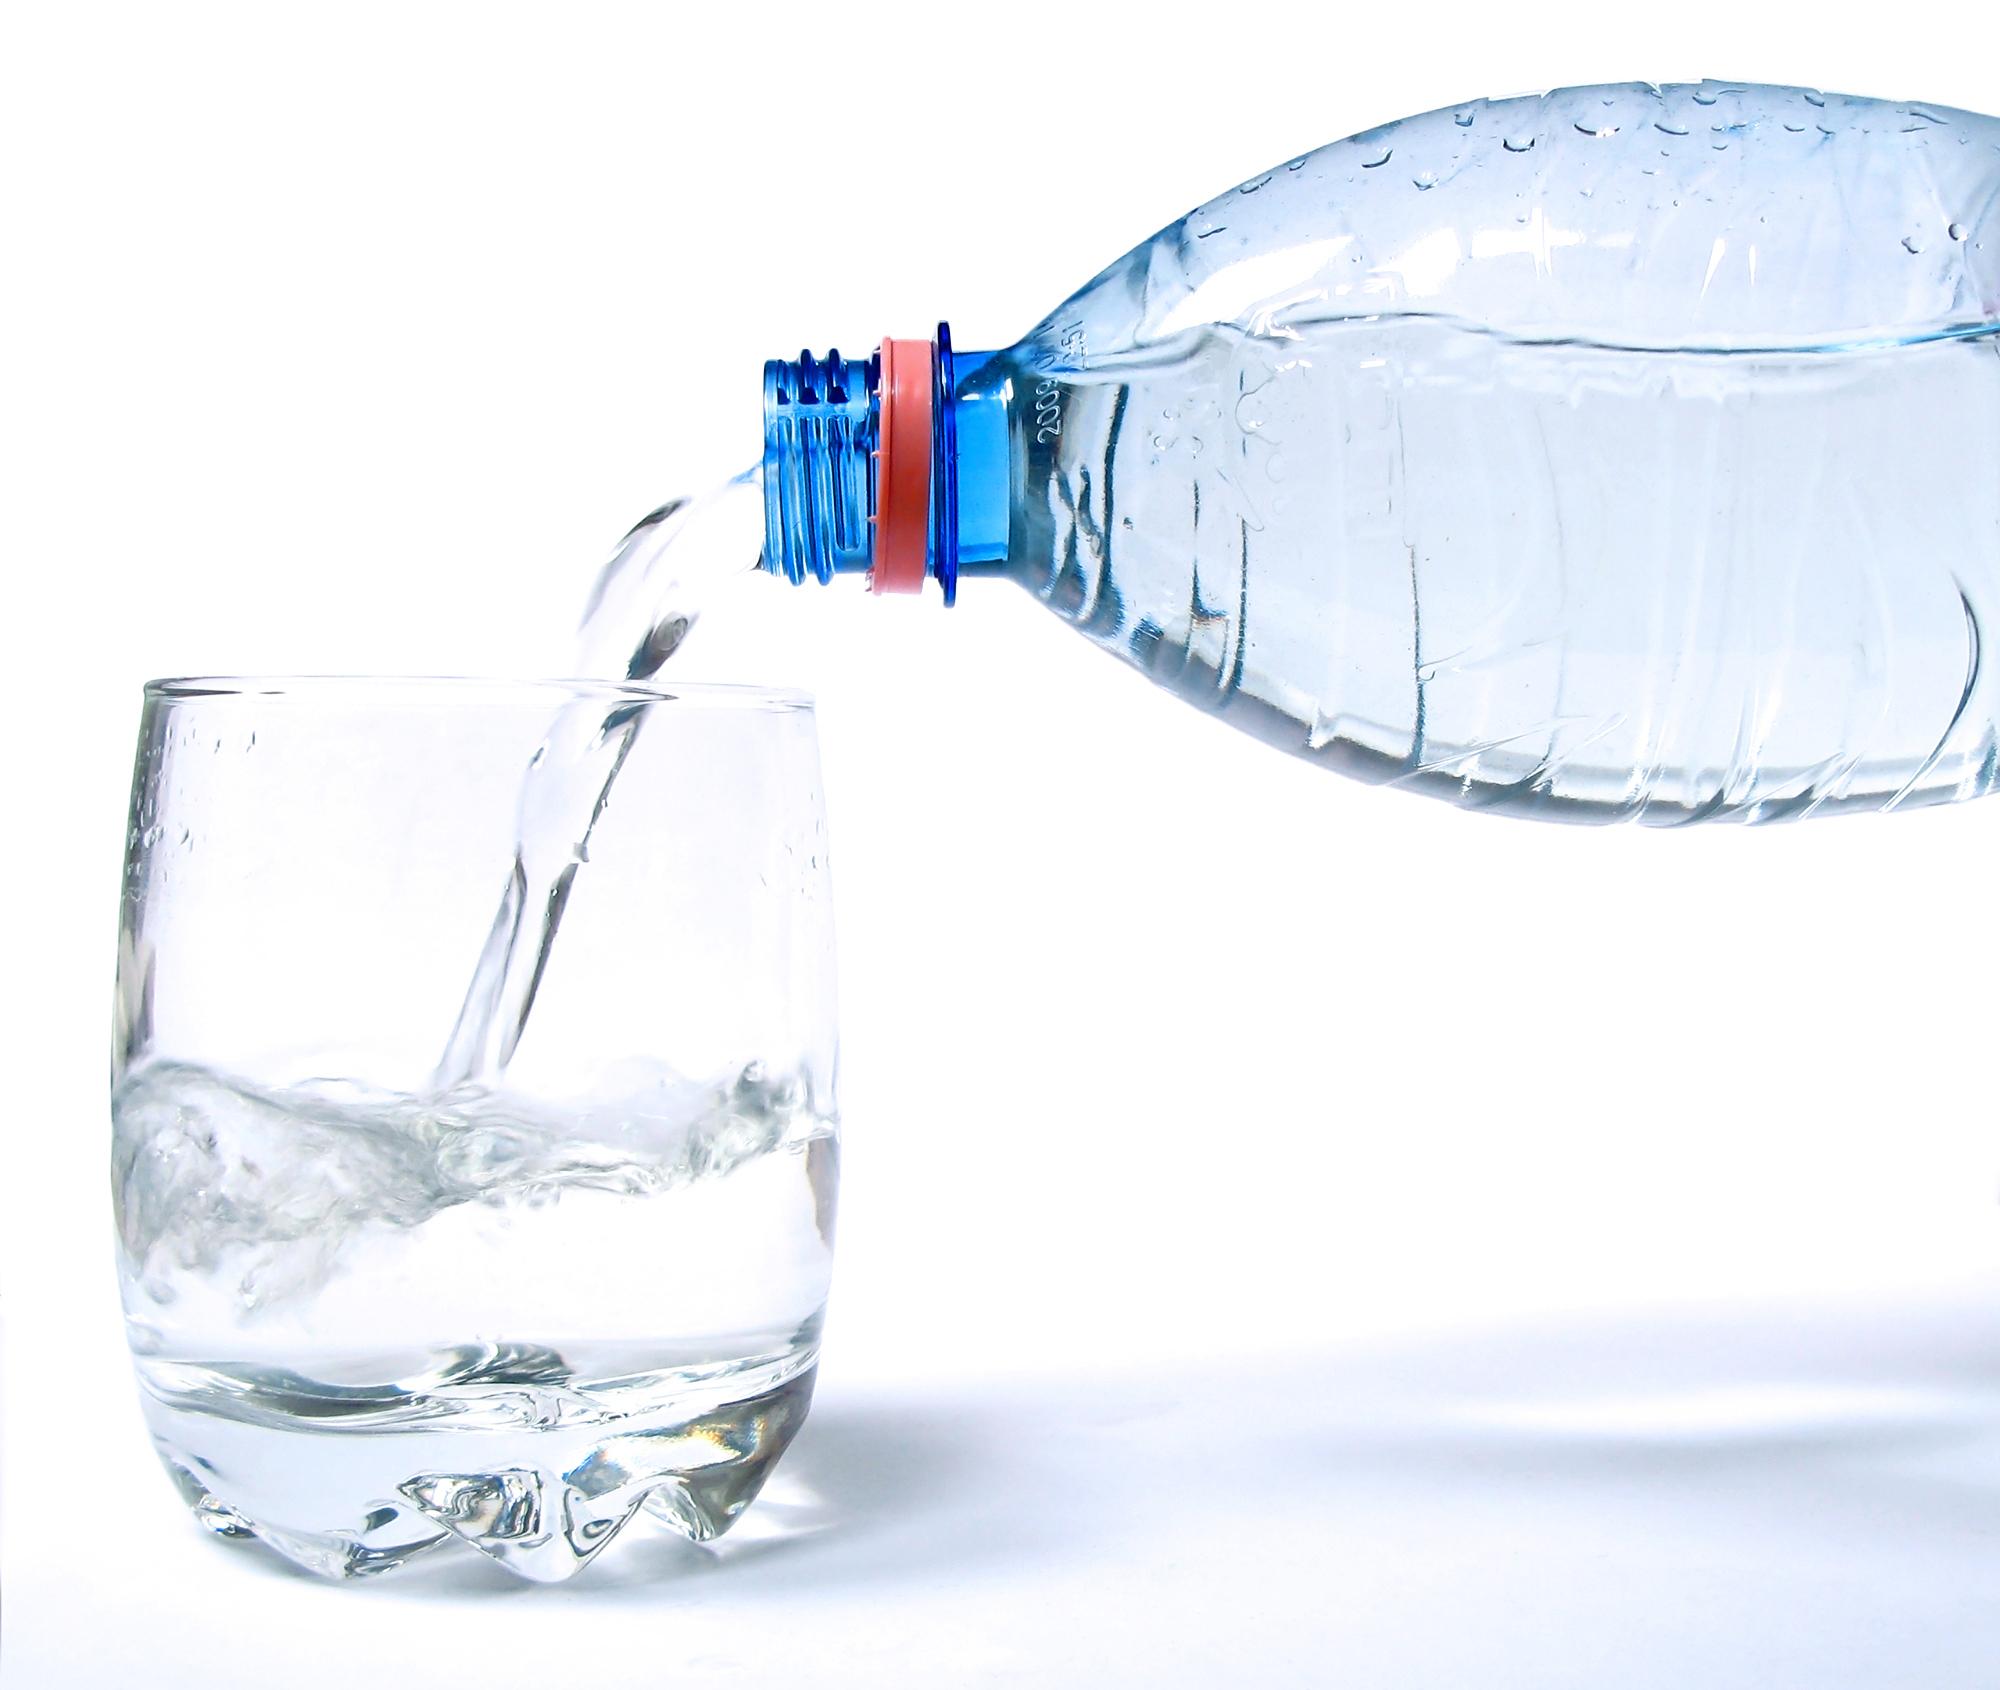 Beti cel putin 2 litri de apa pe zi